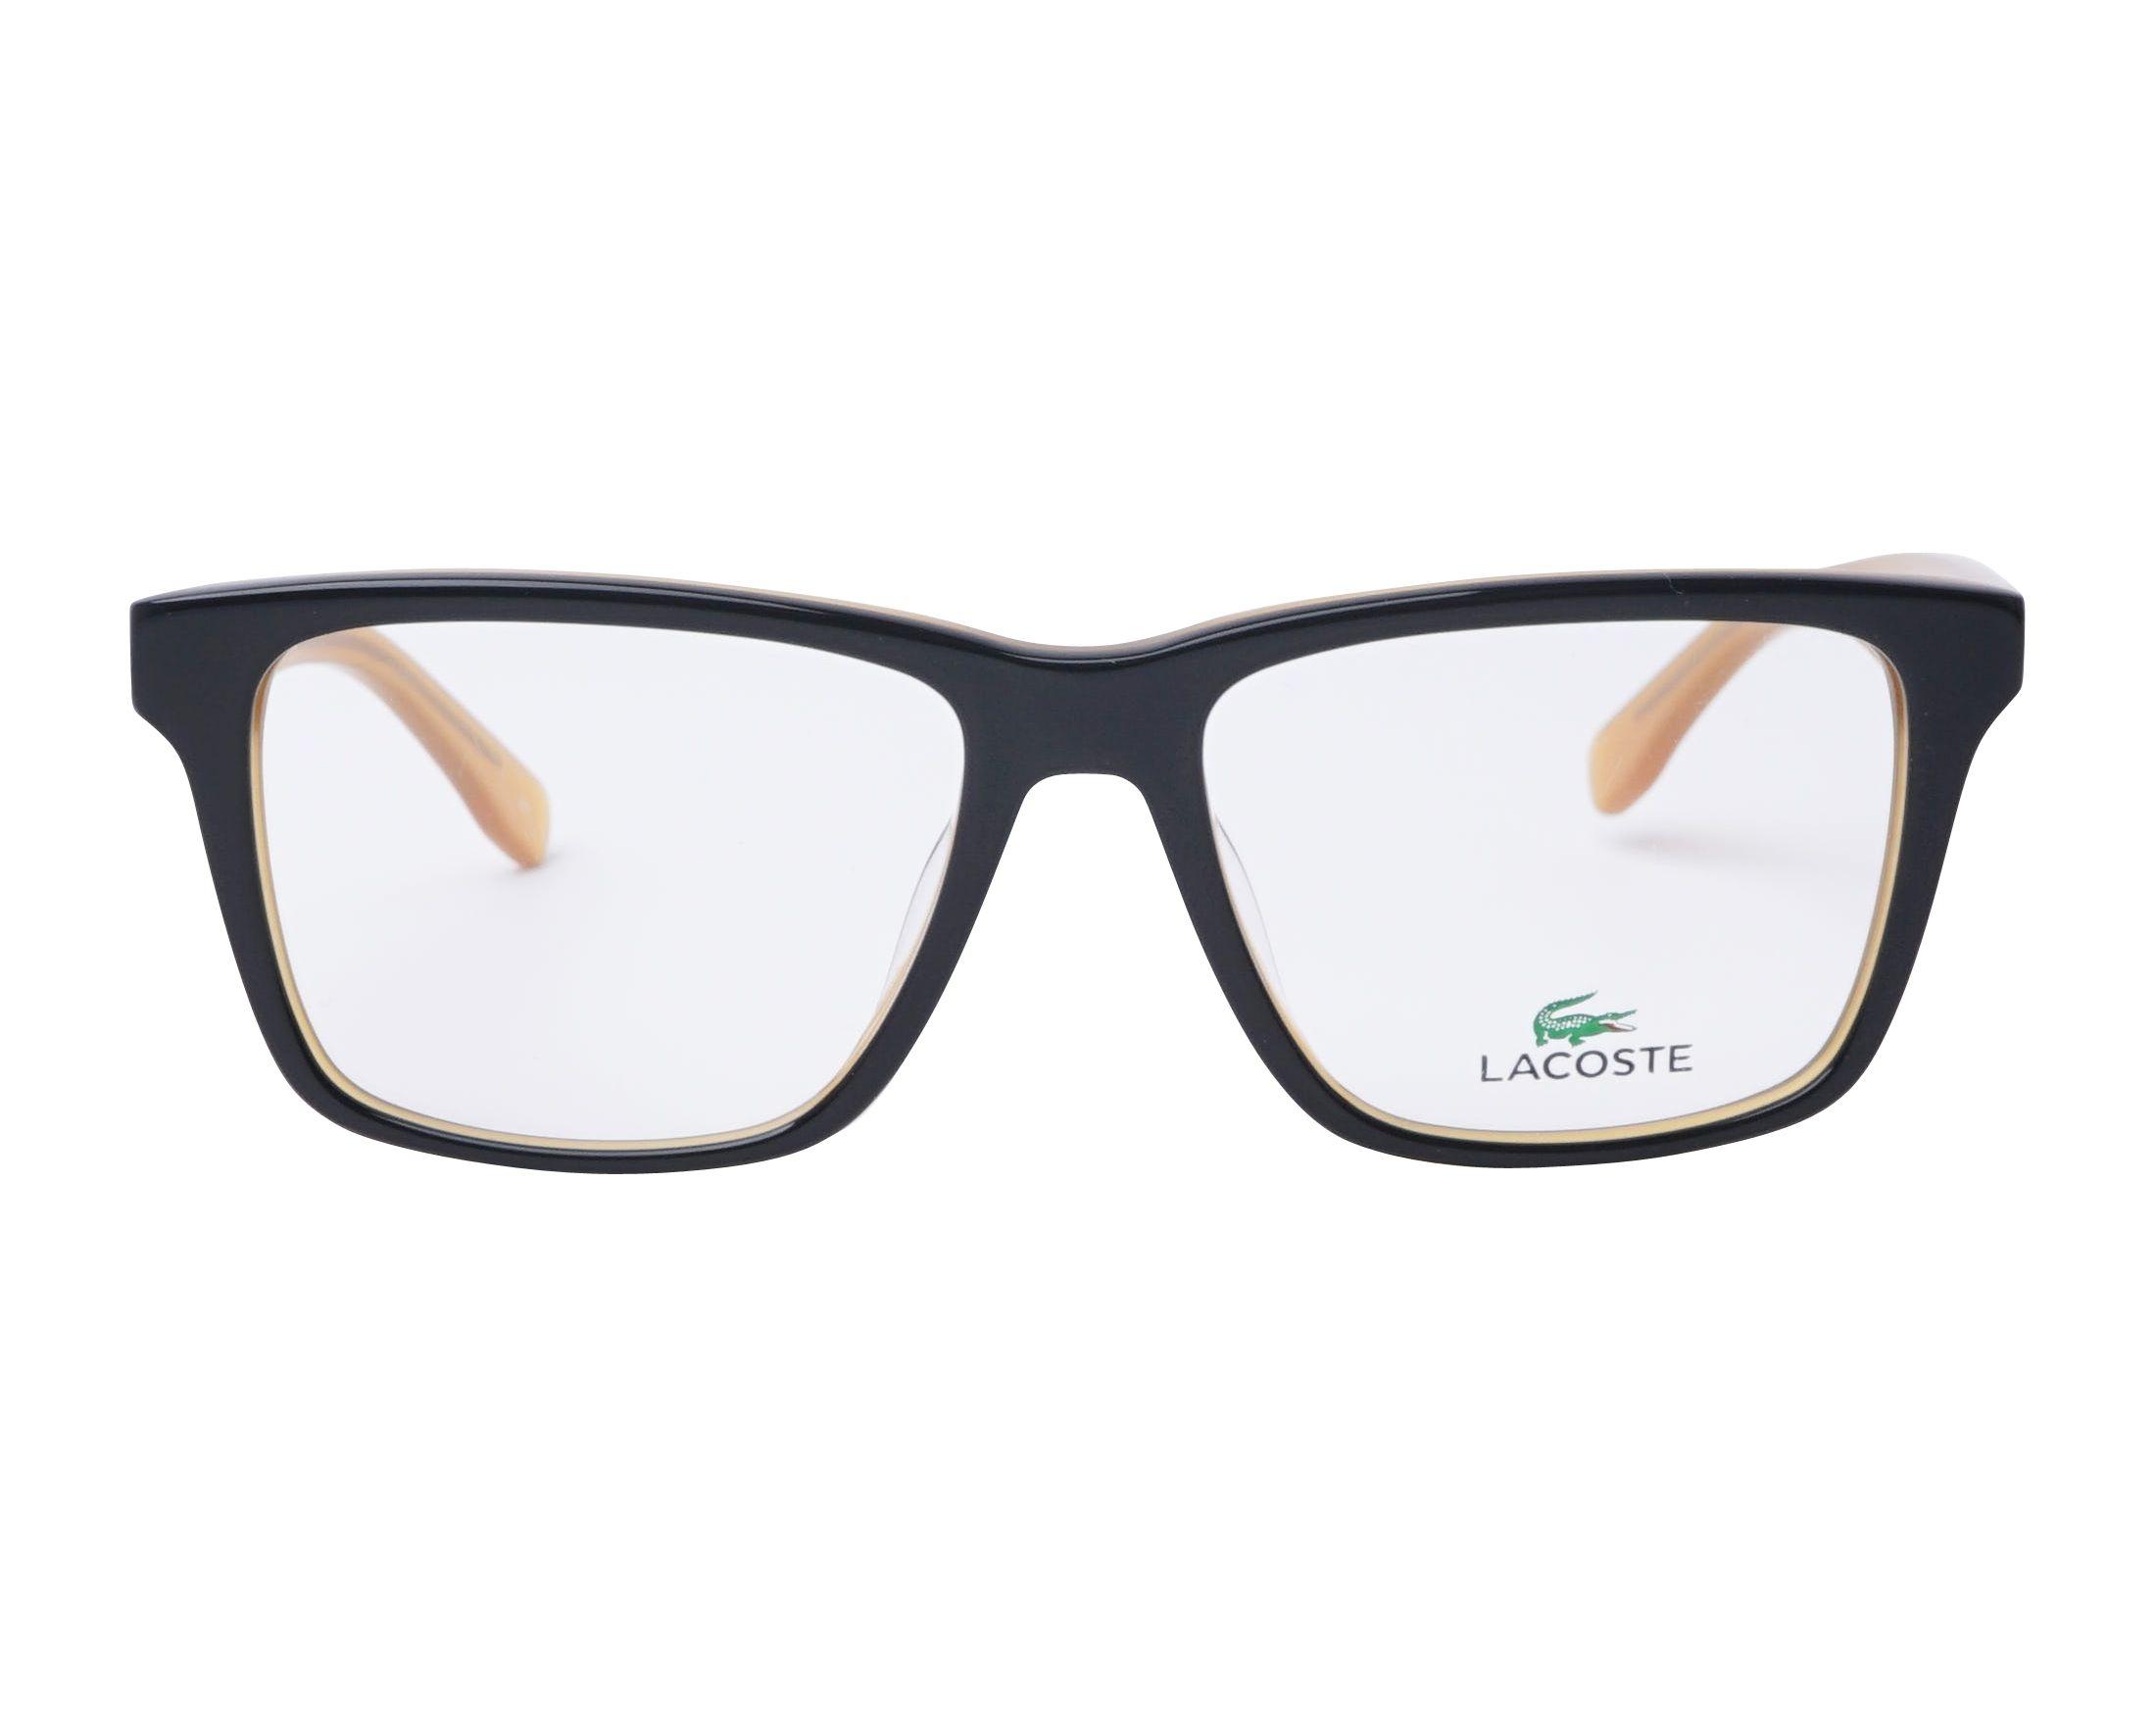 4dc47fddc eyeglasses Lacoste L-2769 001 54-16 Black Brown front view